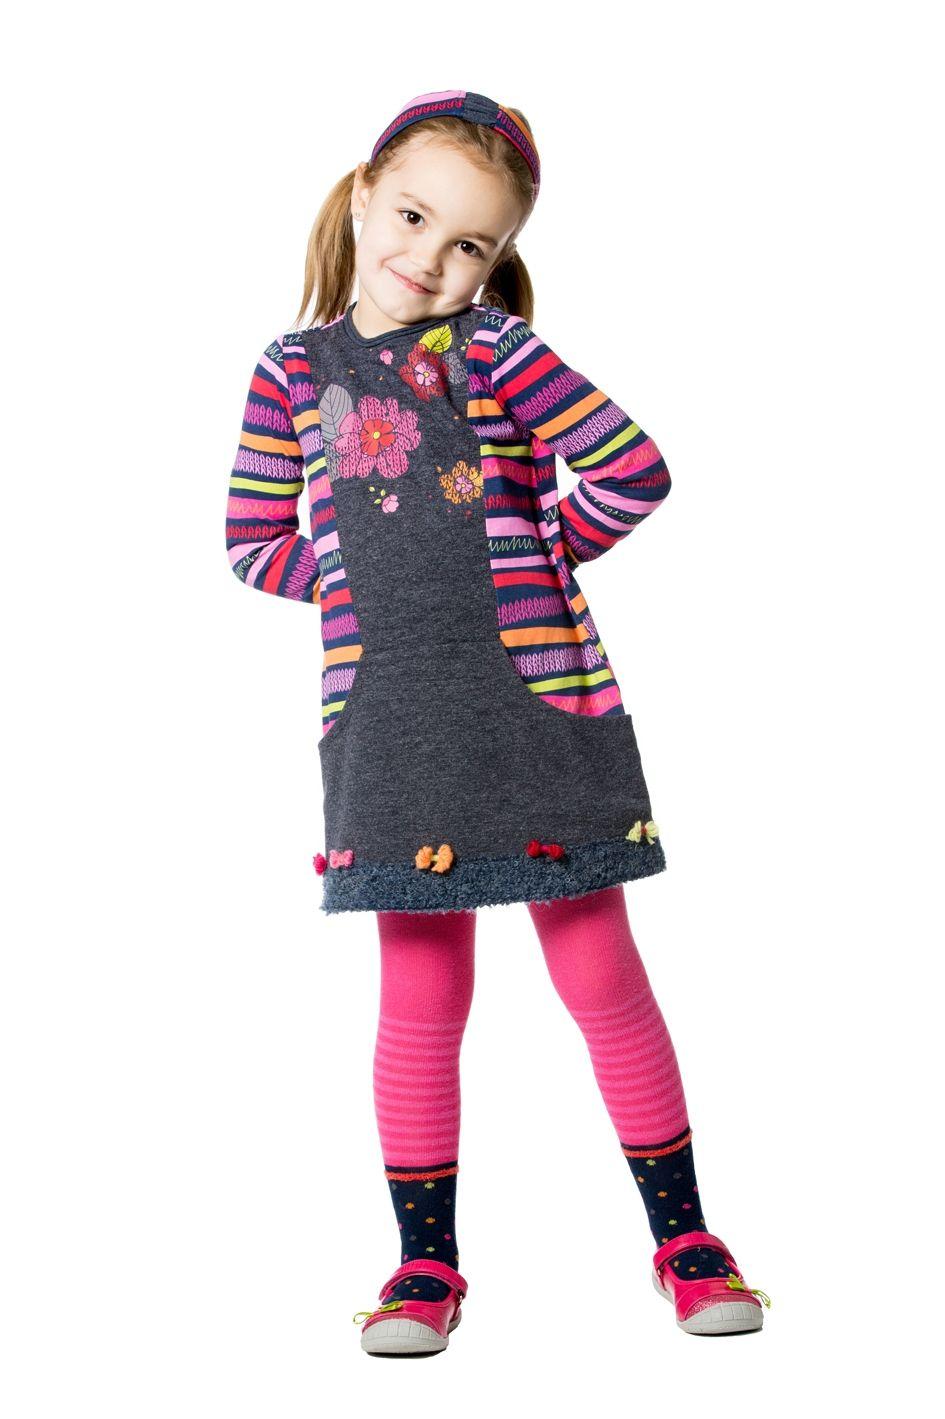 بالصور ملابس الاطفال , احدث موضه فى ملابس الاطفال 1888 5